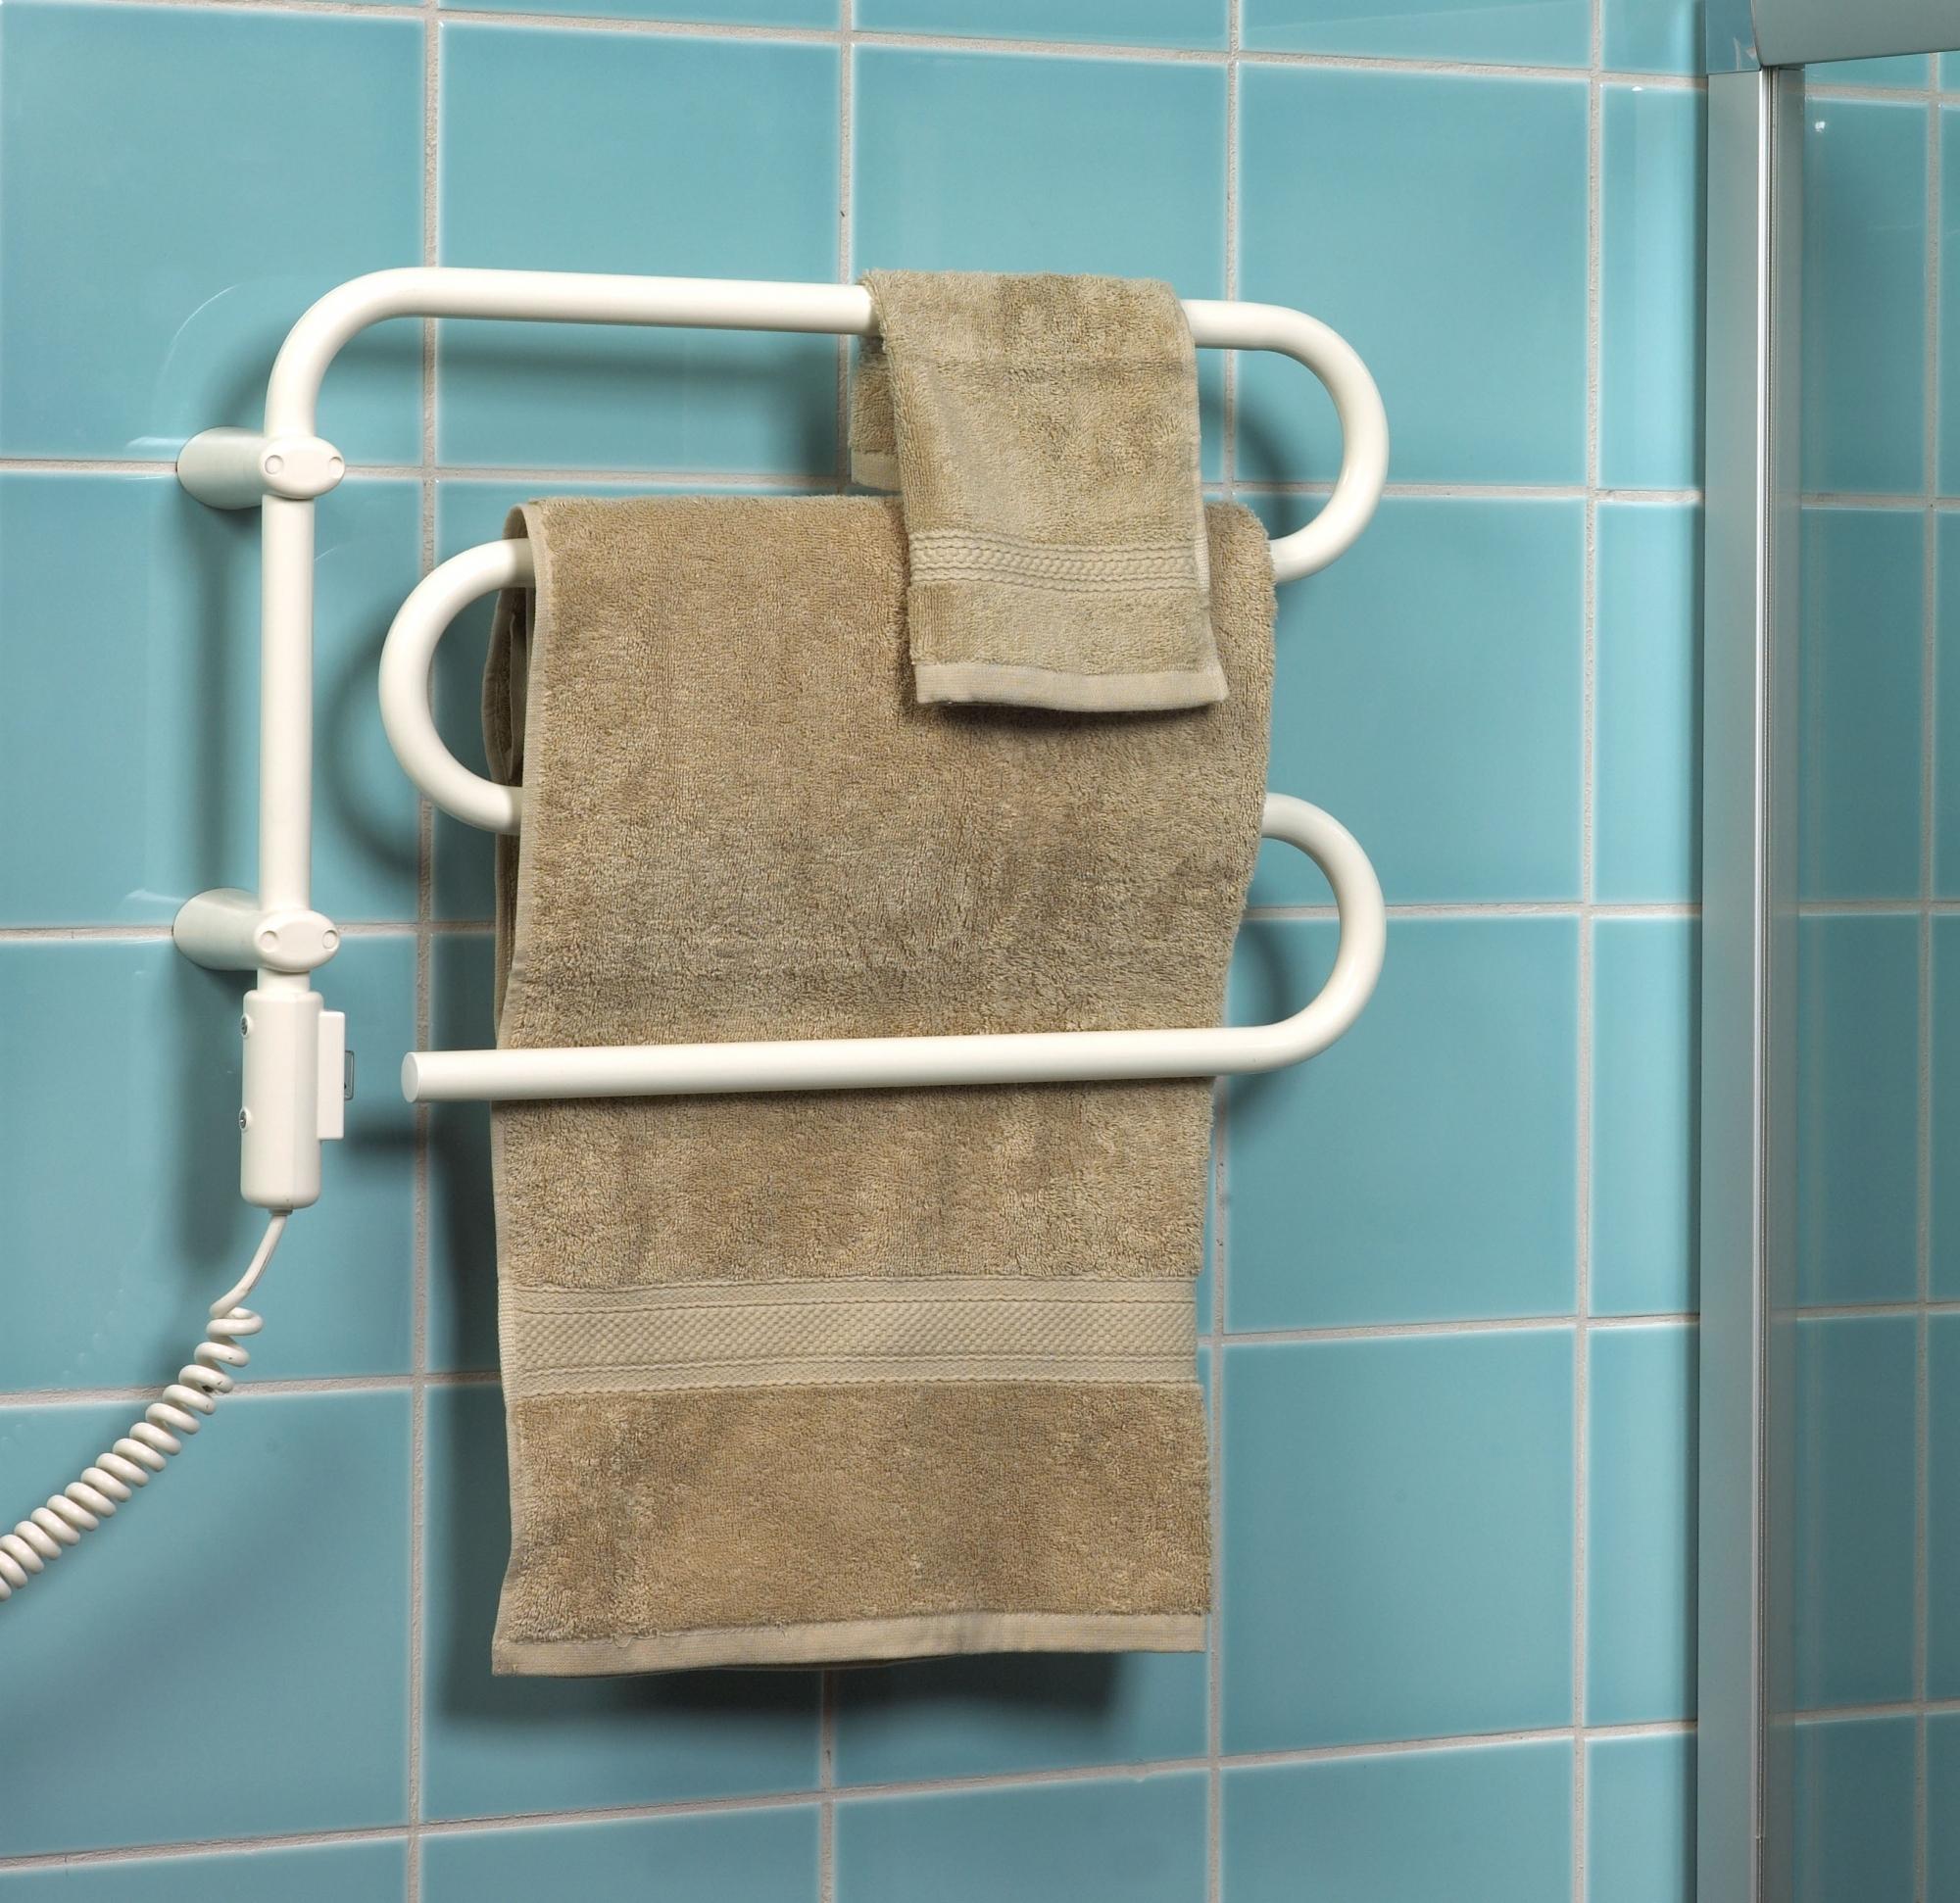 Towel Dryer Hkt142 Ws Adax